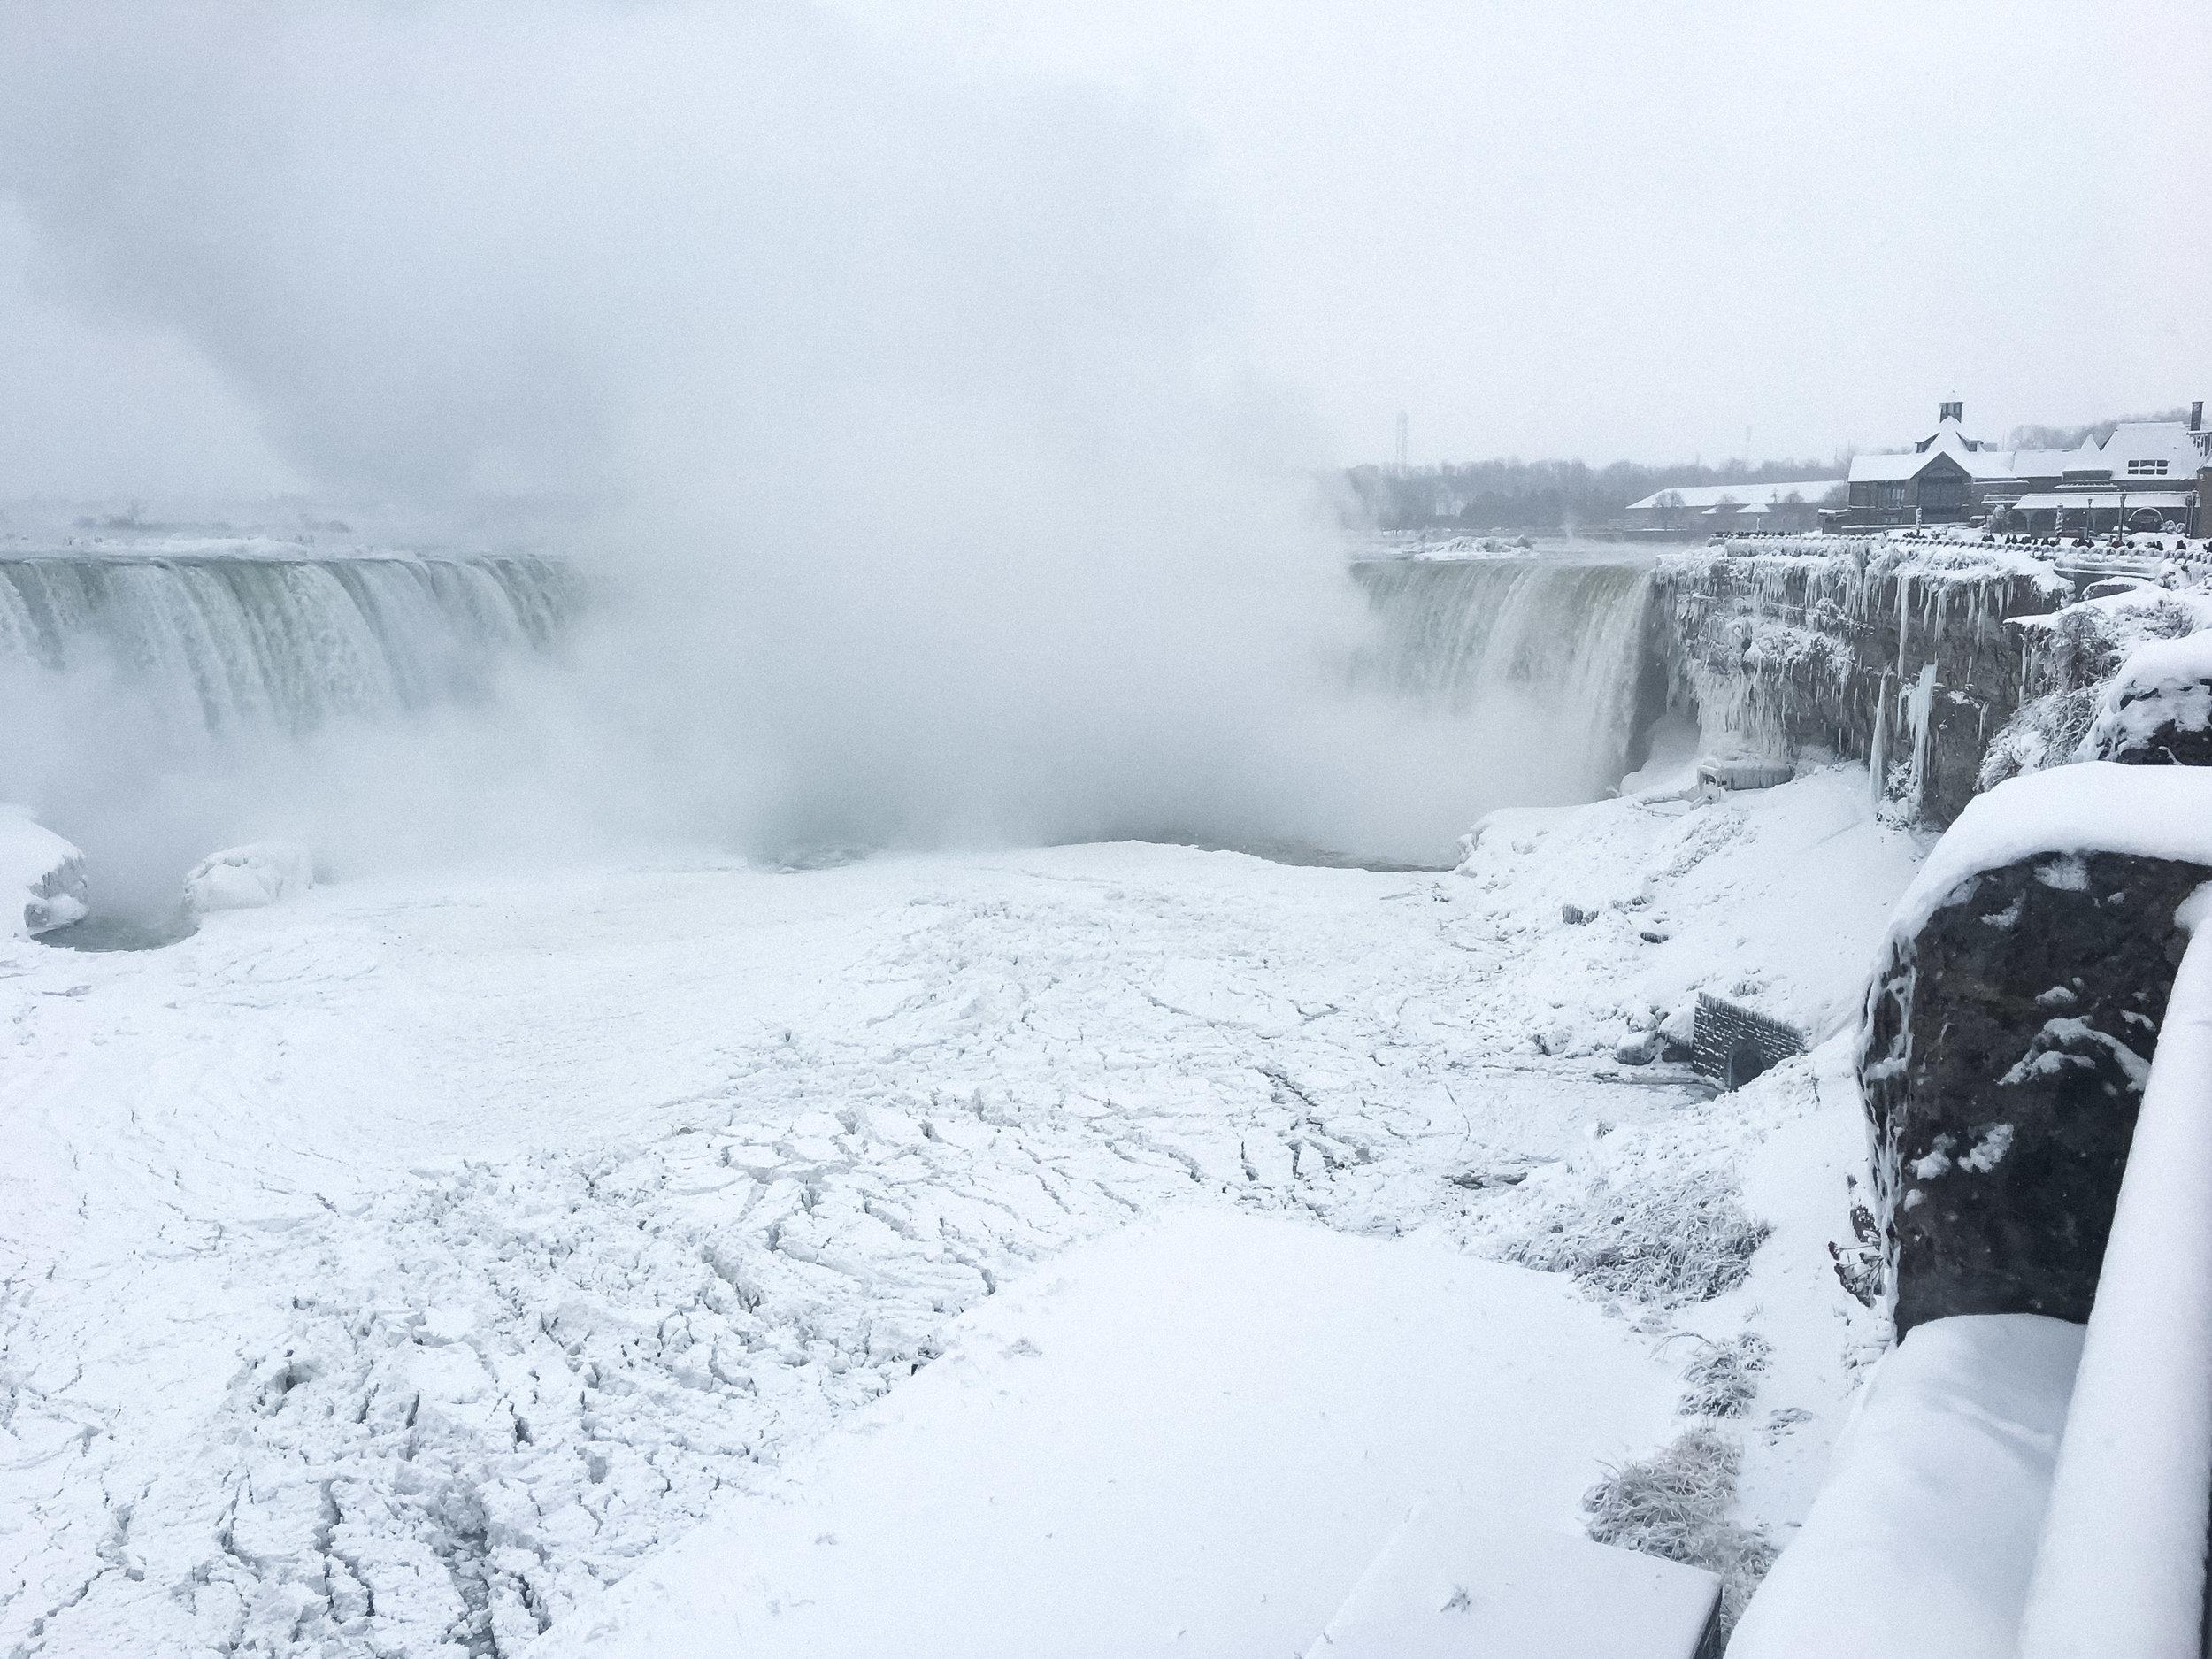 curio.trips.canada.ontario.niagara.falls.frozen.landscape.jpg